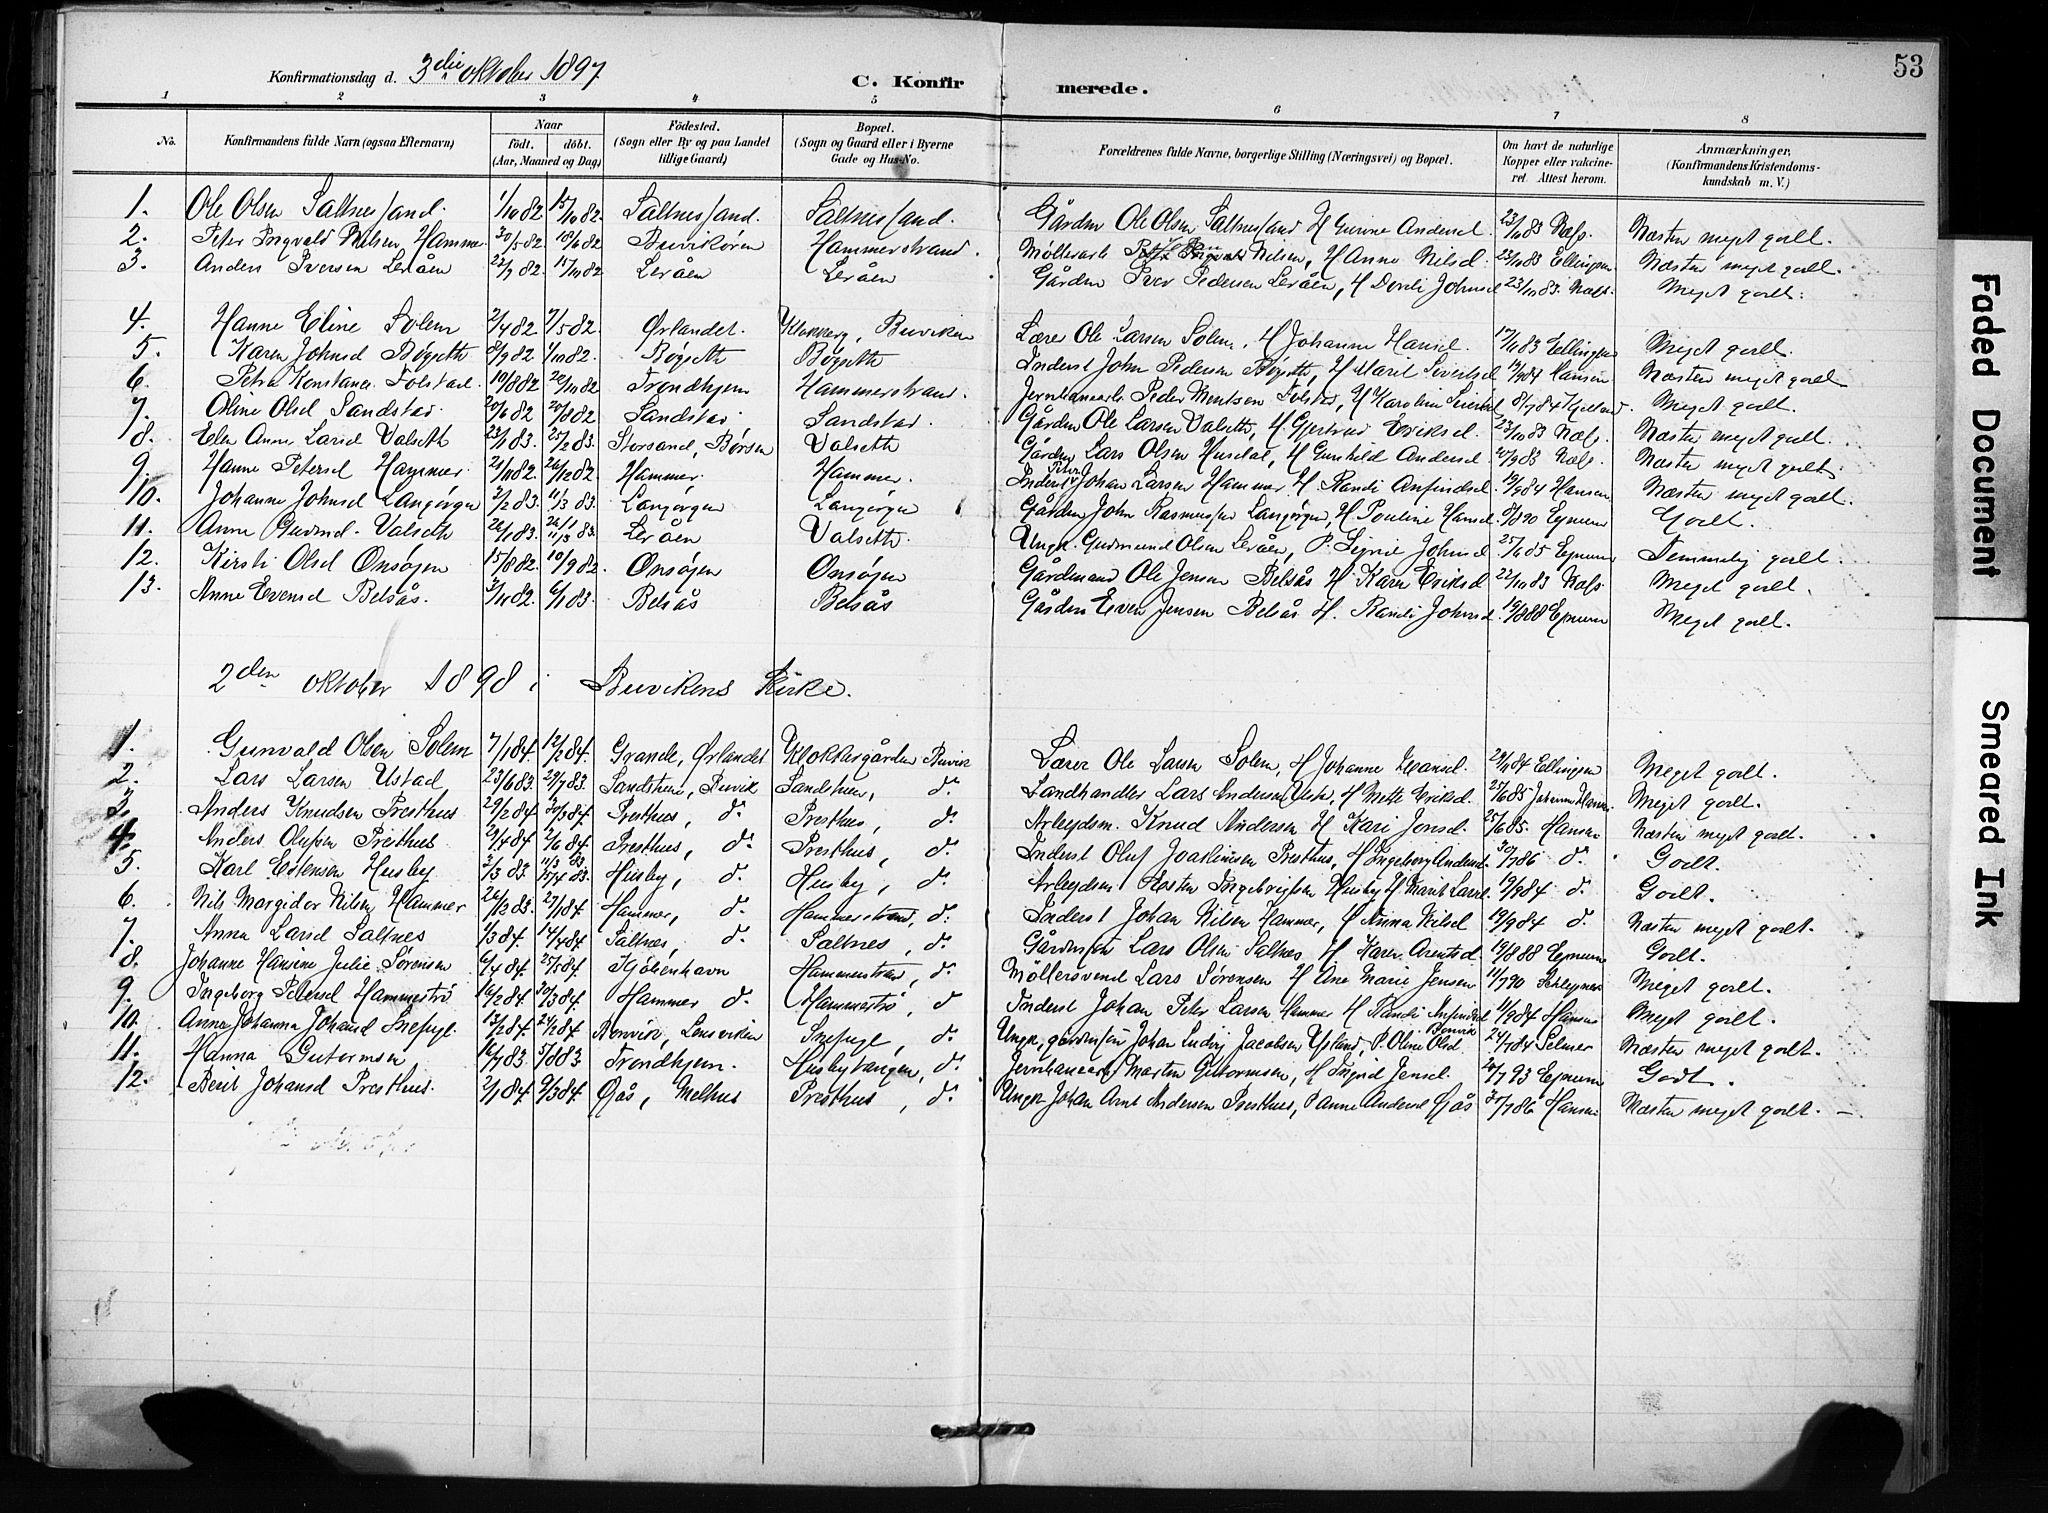 SAT, Ministerialprotokoller, klokkerbøker og fødselsregistre - Sør-Trøndelag, 666/L0787: Ministerialbok nr. 666A05, 1895-1908, s. 53